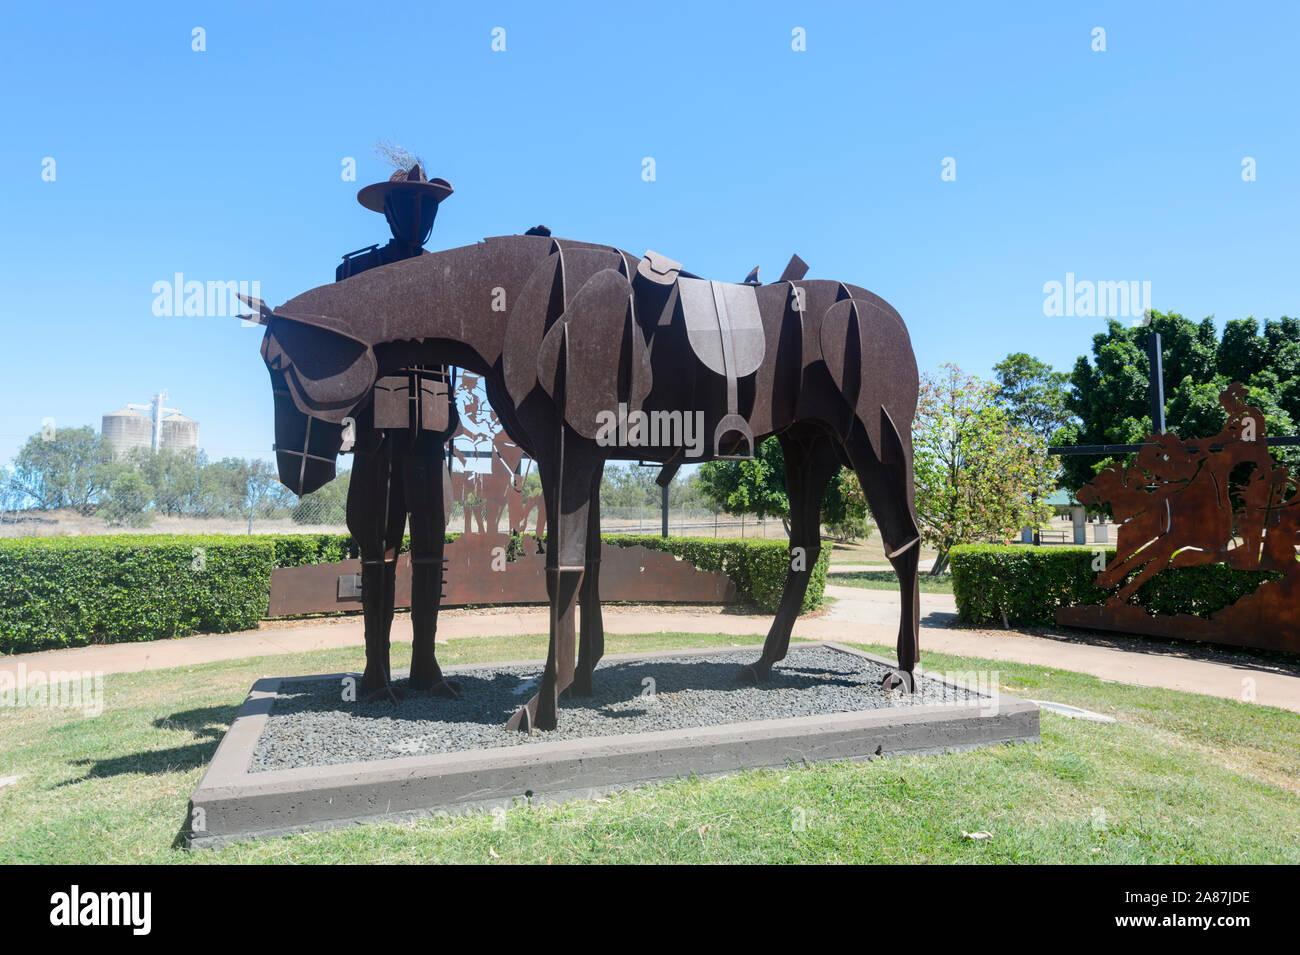 Étrier Fers avec Metal Sculpture Cheval équestre Riding Tack